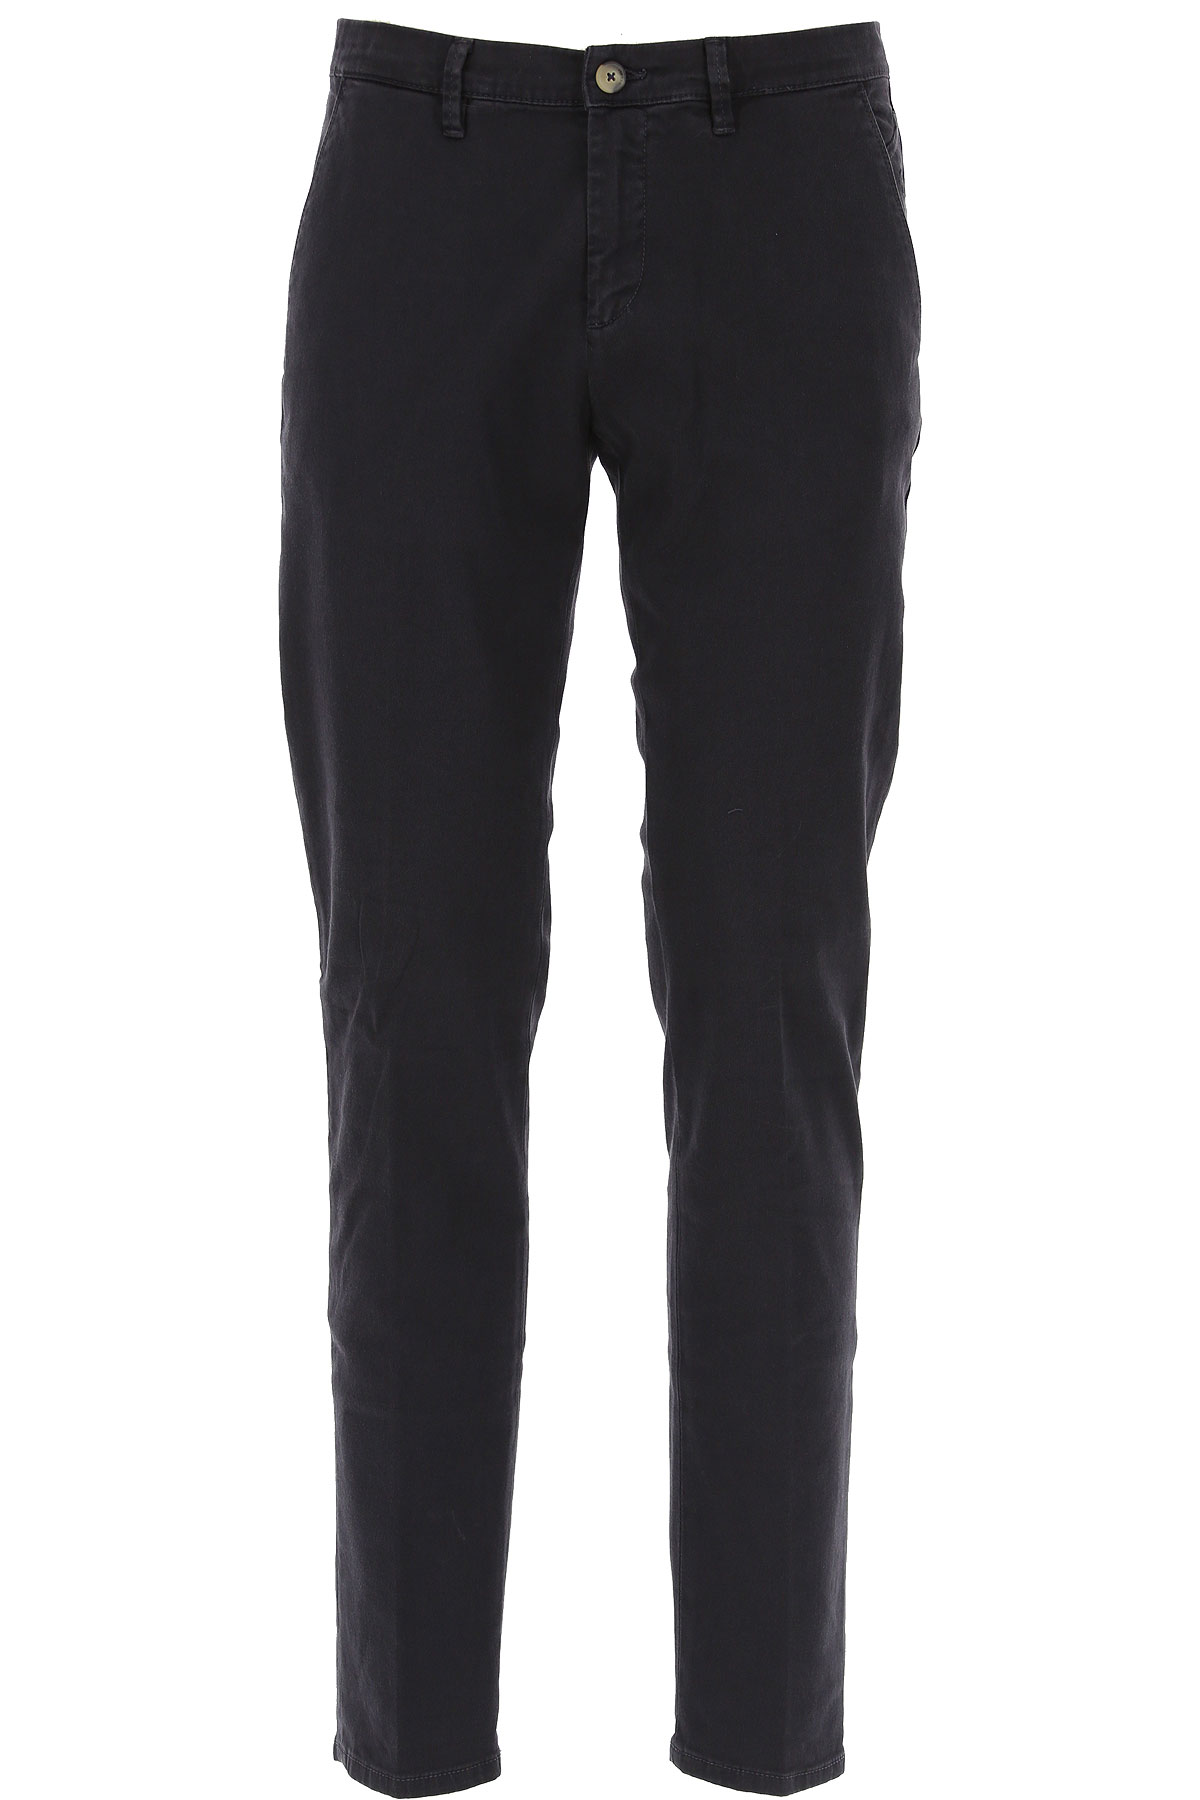 Jeckerson Pants for Men On Sale, Ink Blue, Cotton, 2019, 33 34 35 36 38 40